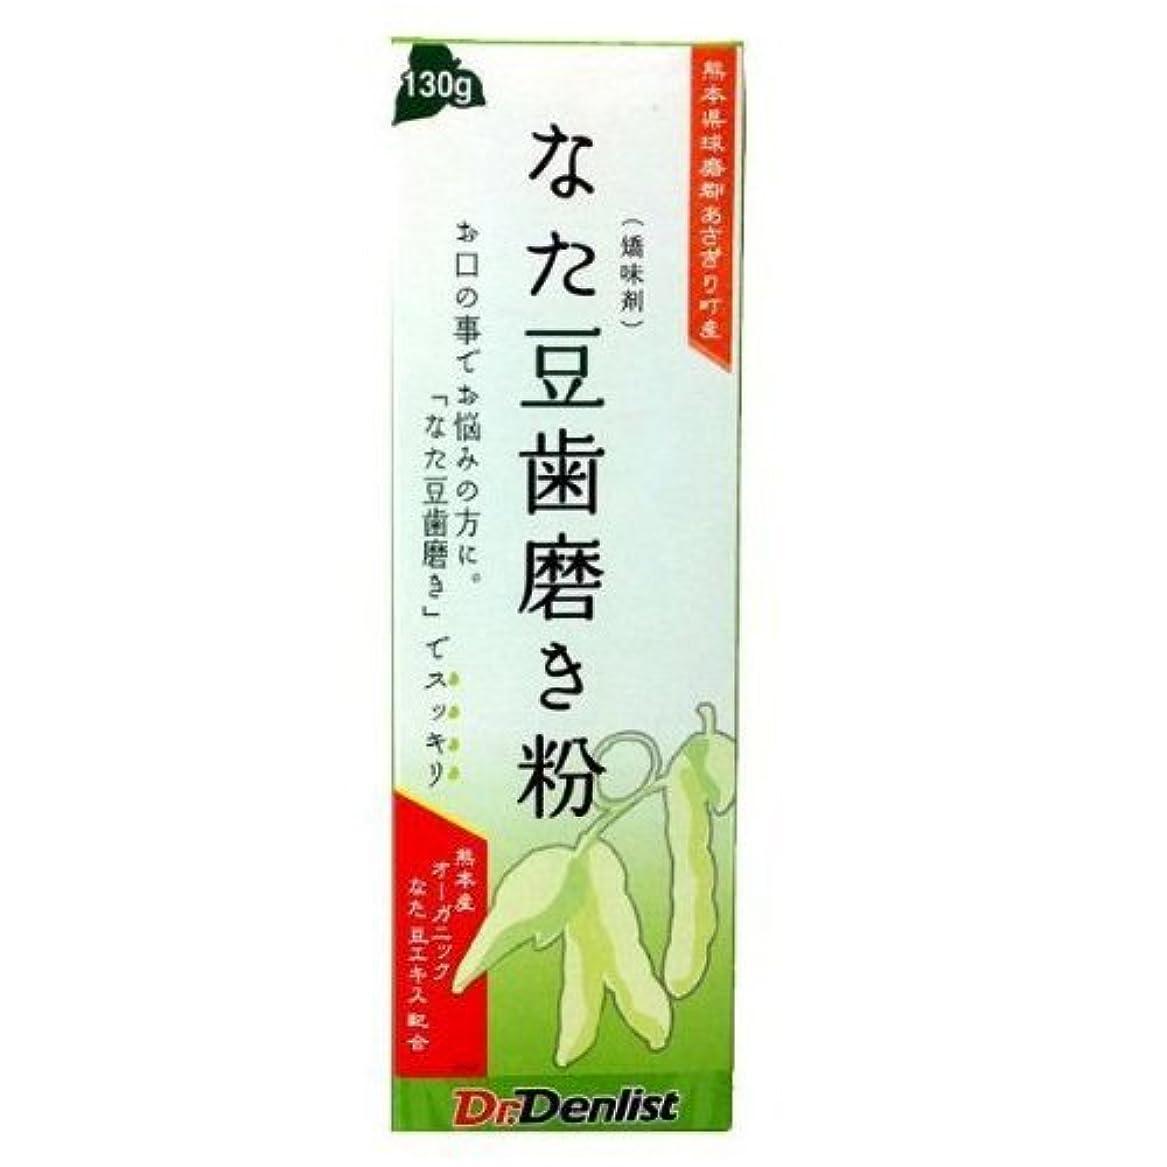 軌道独立したカセットなた豆歯磨き粉 国産 130g 熊本県球磨郡あさぎり町産